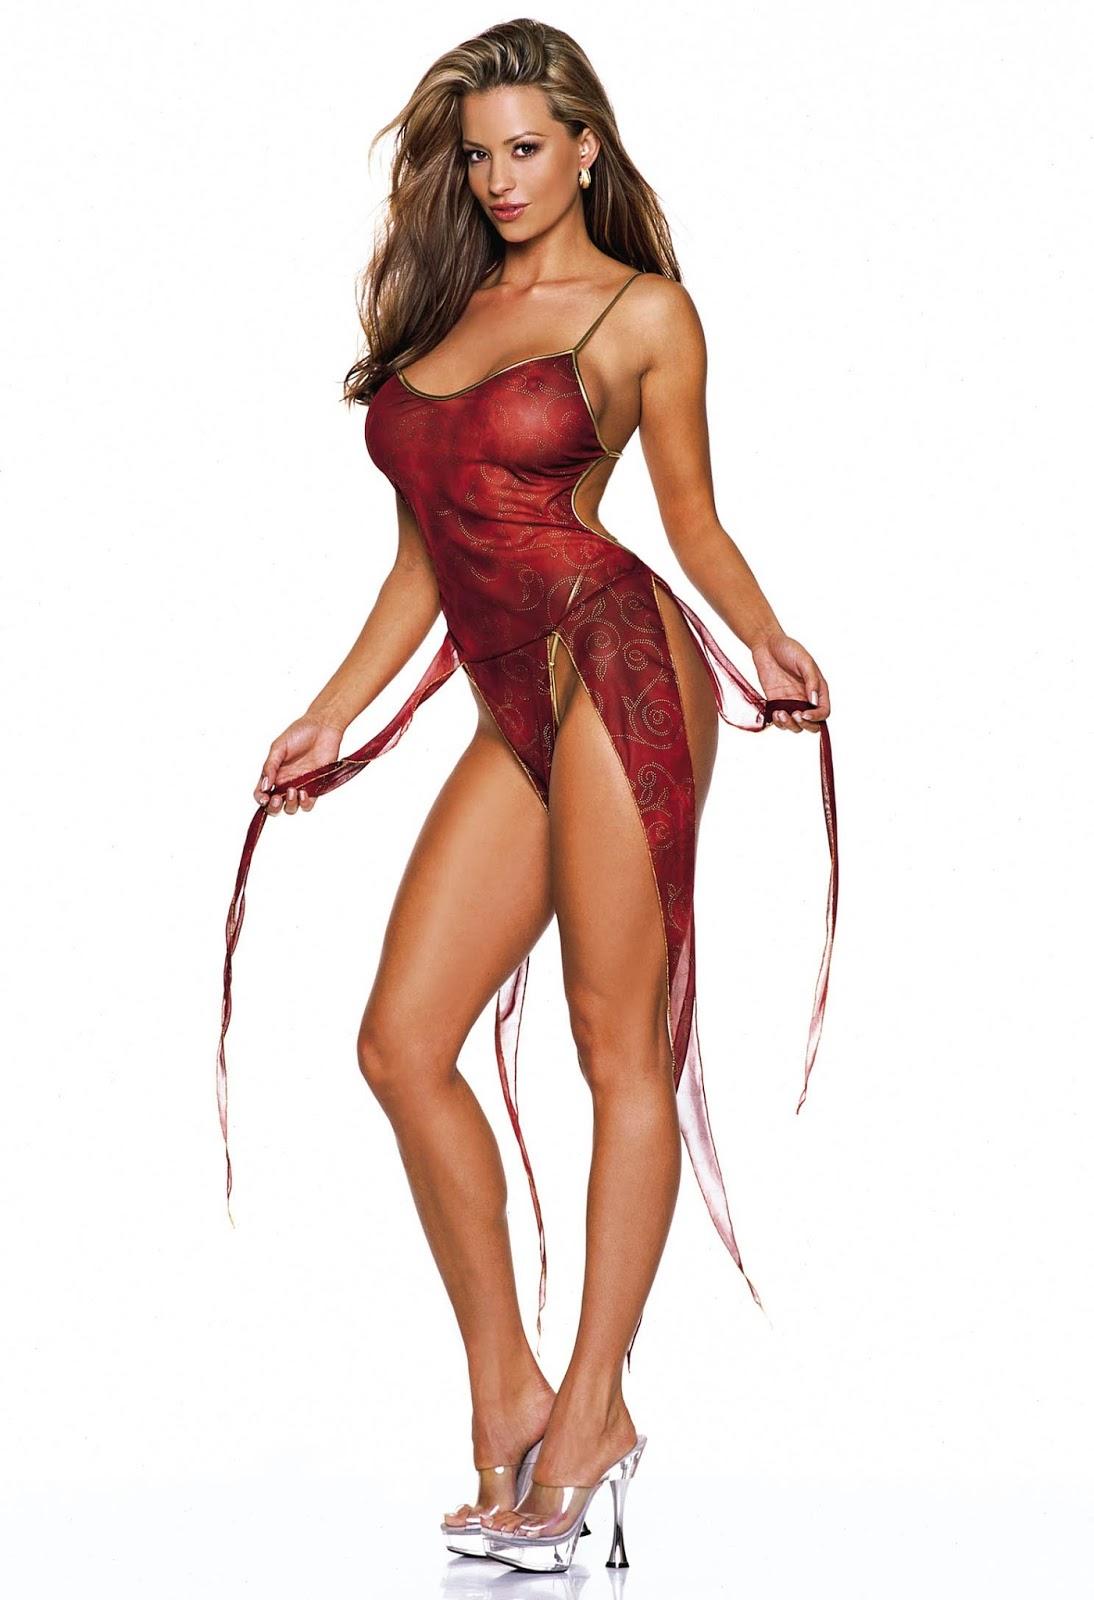 Candice Michelle 2015